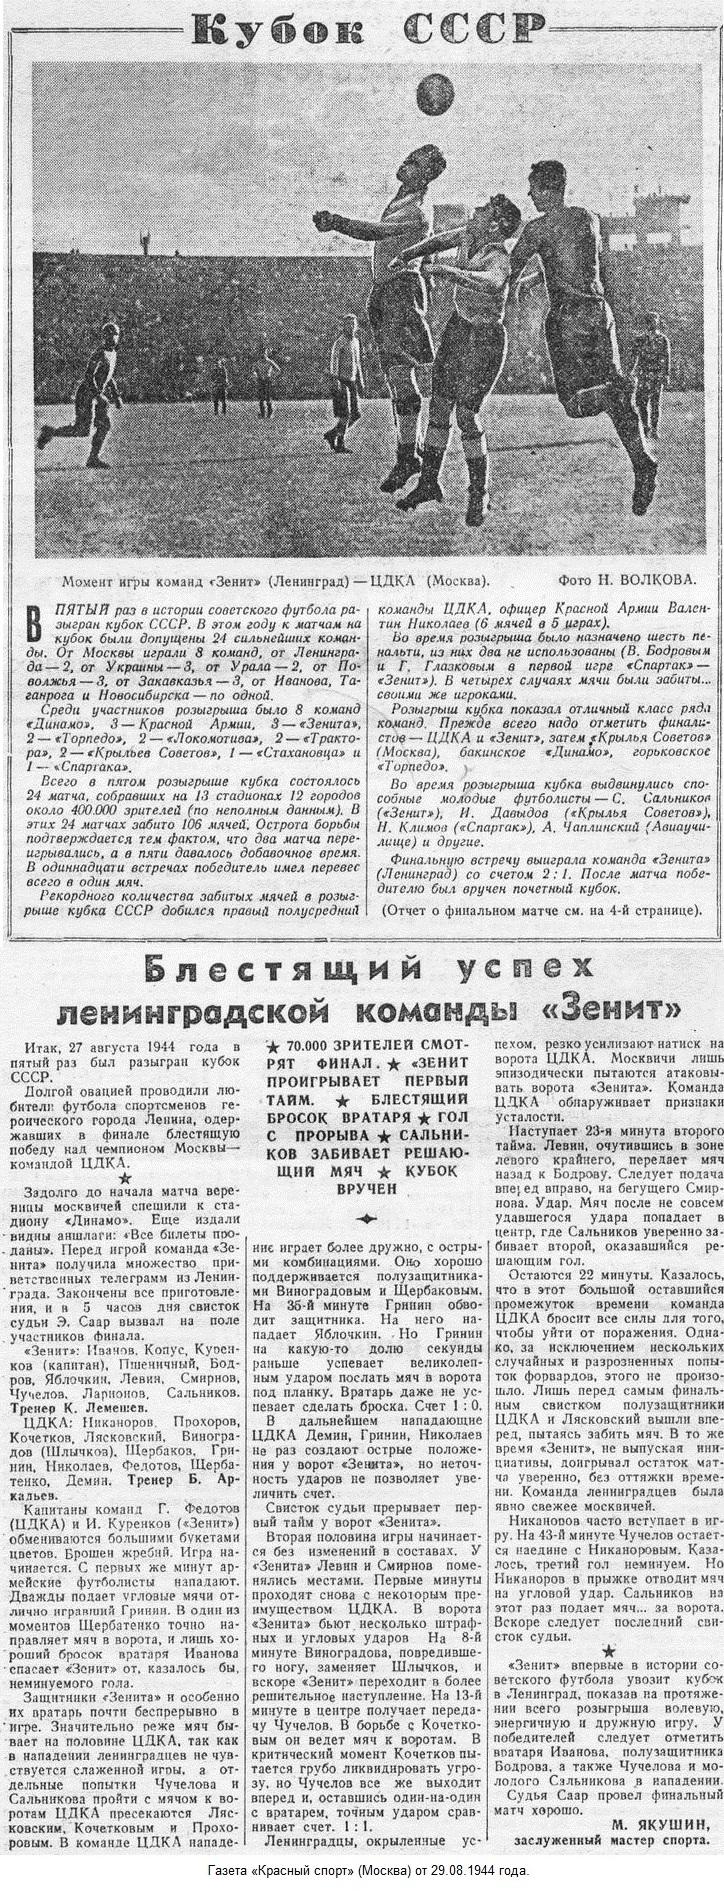 ЦДКА (Москва) - Зенит (Ленинград) 1:2